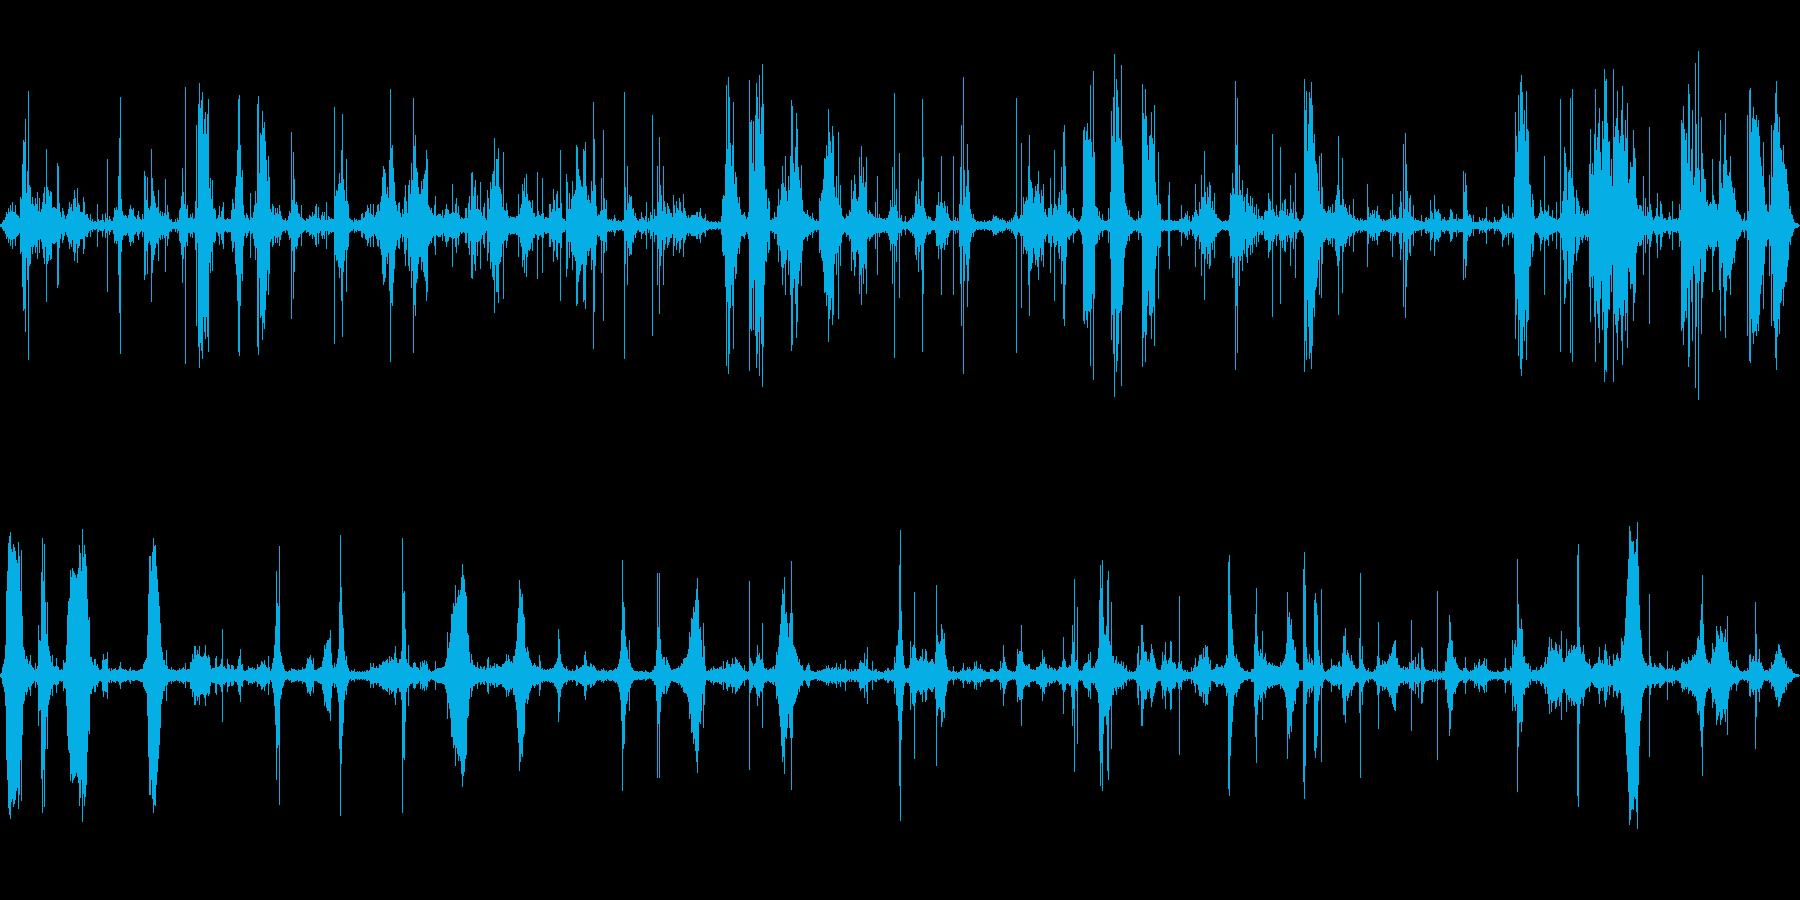 ザザーン (波の音、近く)の再生済みの波形